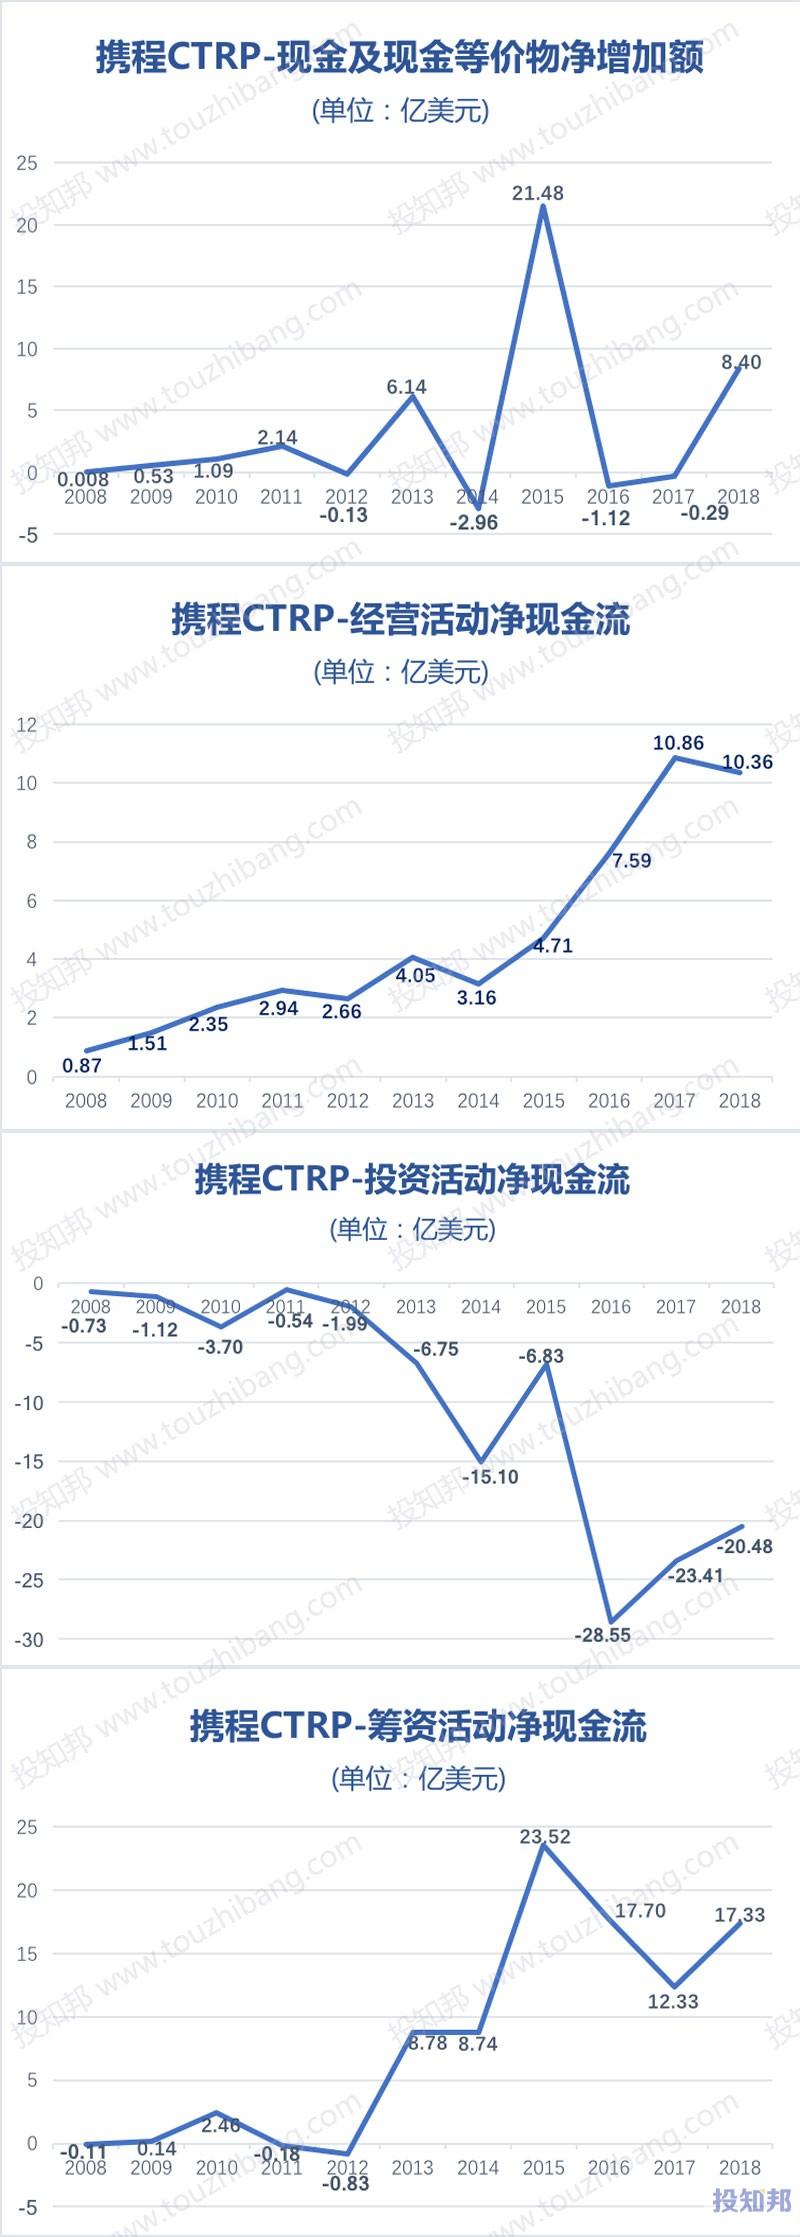 图解携程(TCOM)财报数据(以美元计,2008年~2019年Q3)